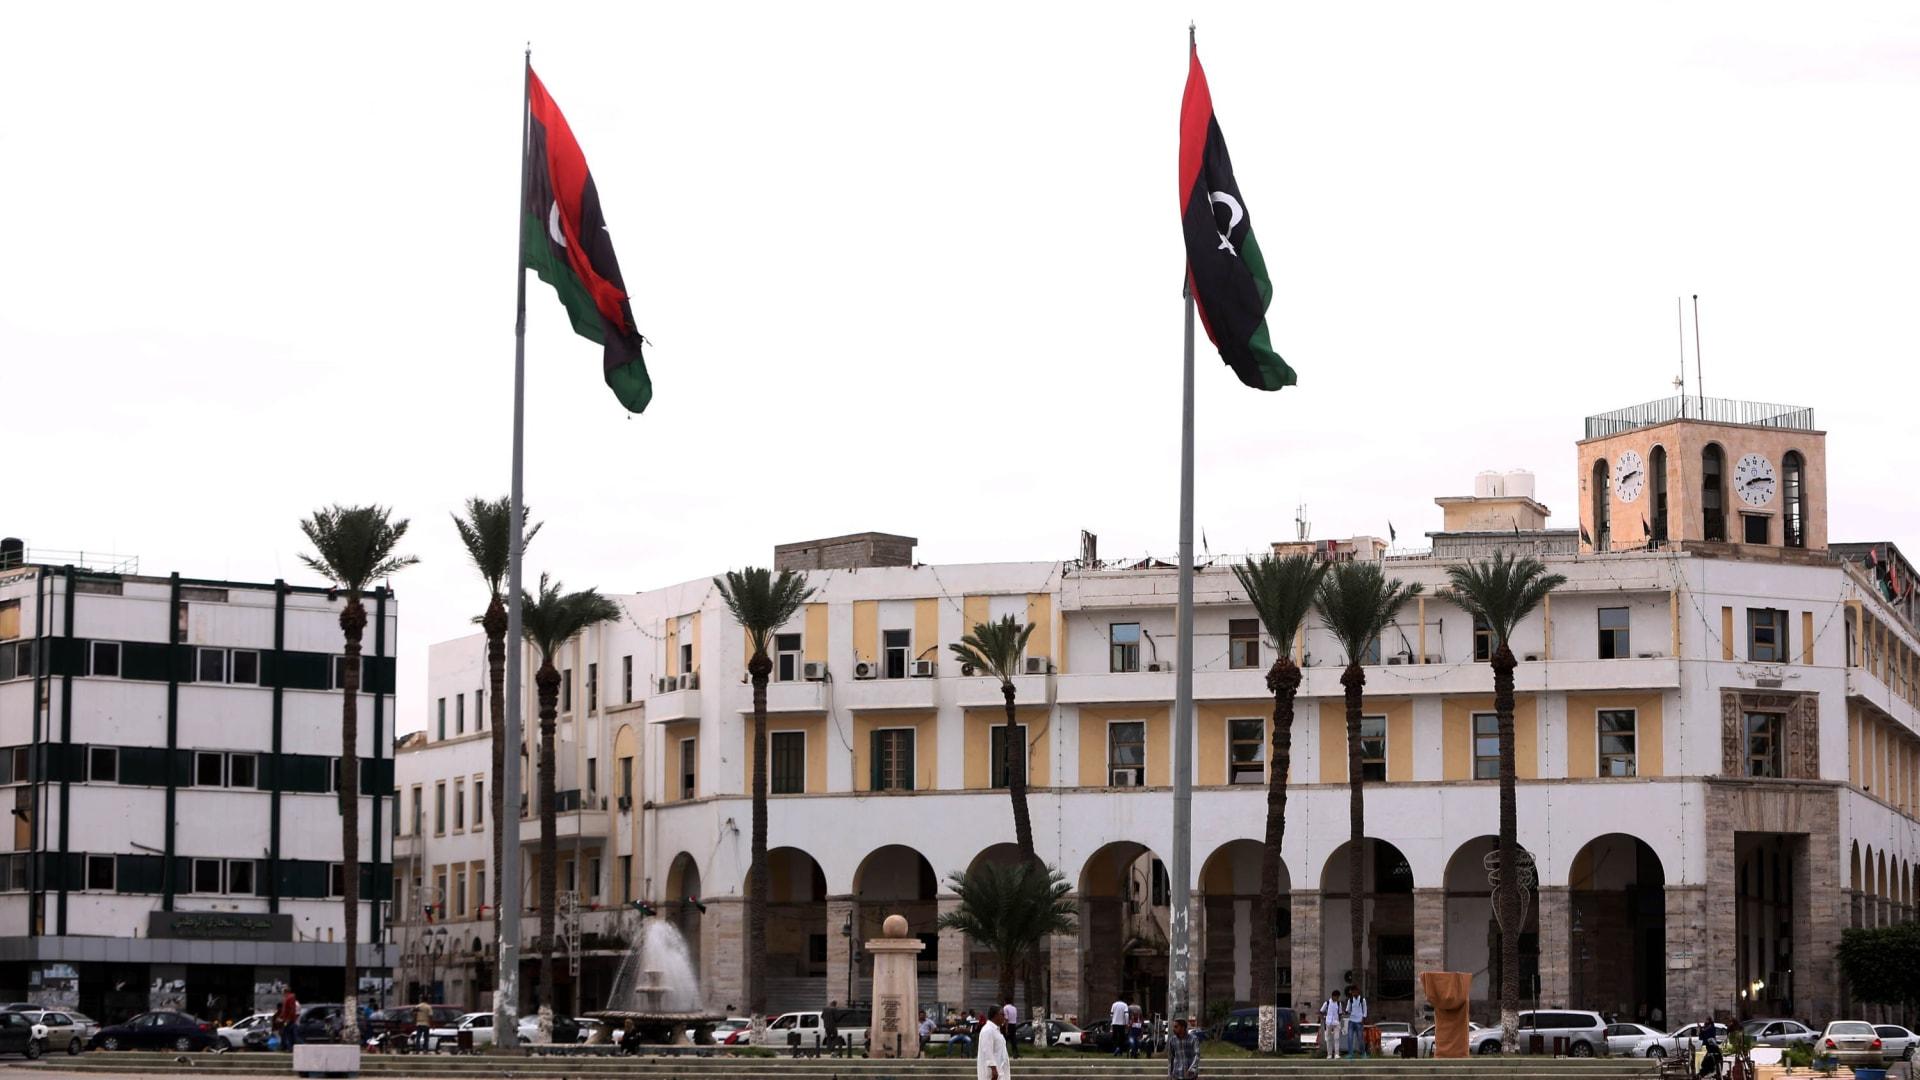 تسعة قتلى في هجوم انتحاري بليبيا.. وأصابع الاتهام تتجه نحو داعش